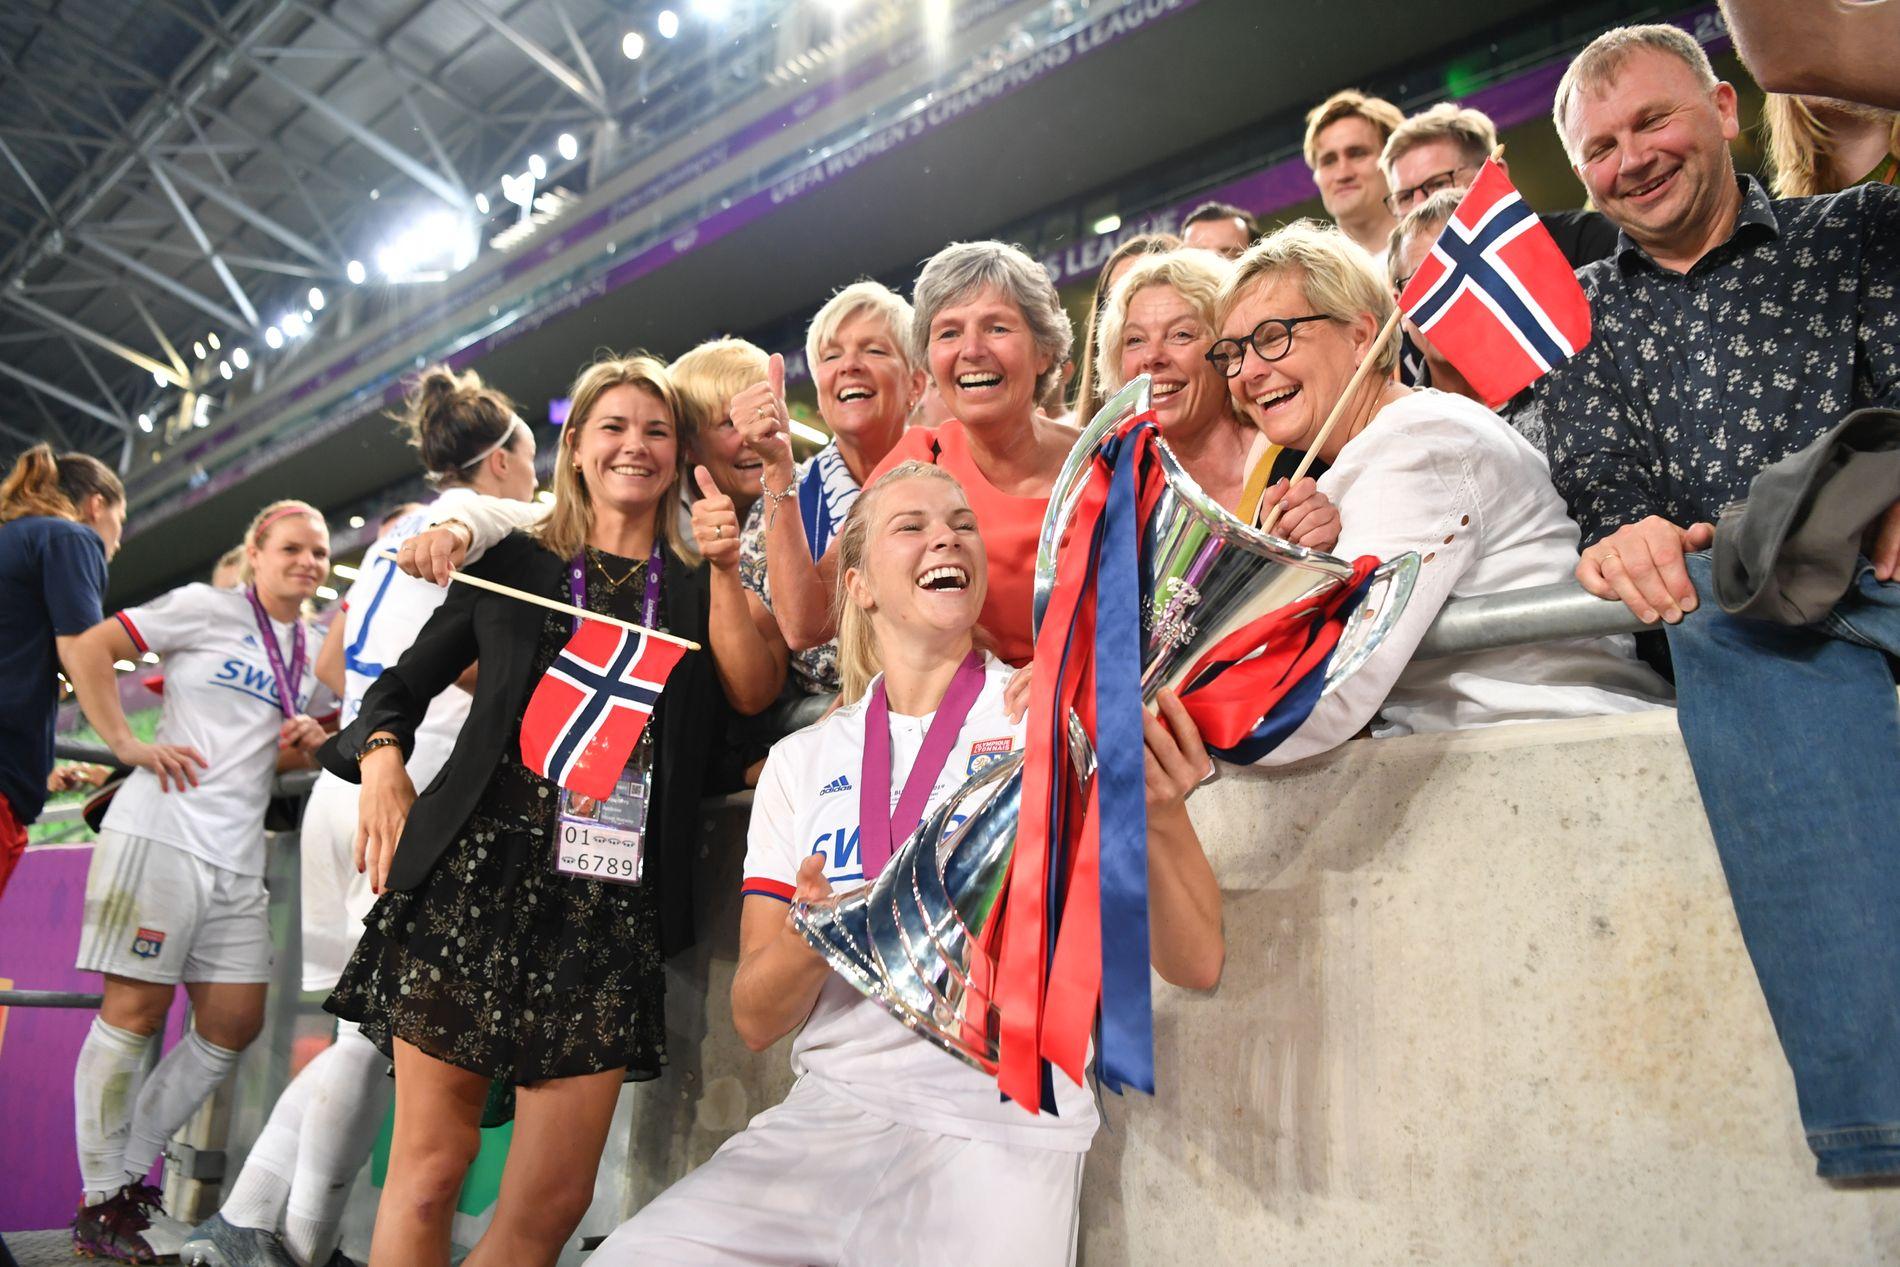 TEAMET: Ada Hegerberg sammen med «fansen» sin. Helt til venstre søster Andrine, skjult bak henne er mamma Gerd, i bakgrunnen forloveden Thomas Rogne og helt til høyre pappa Stein Erik.